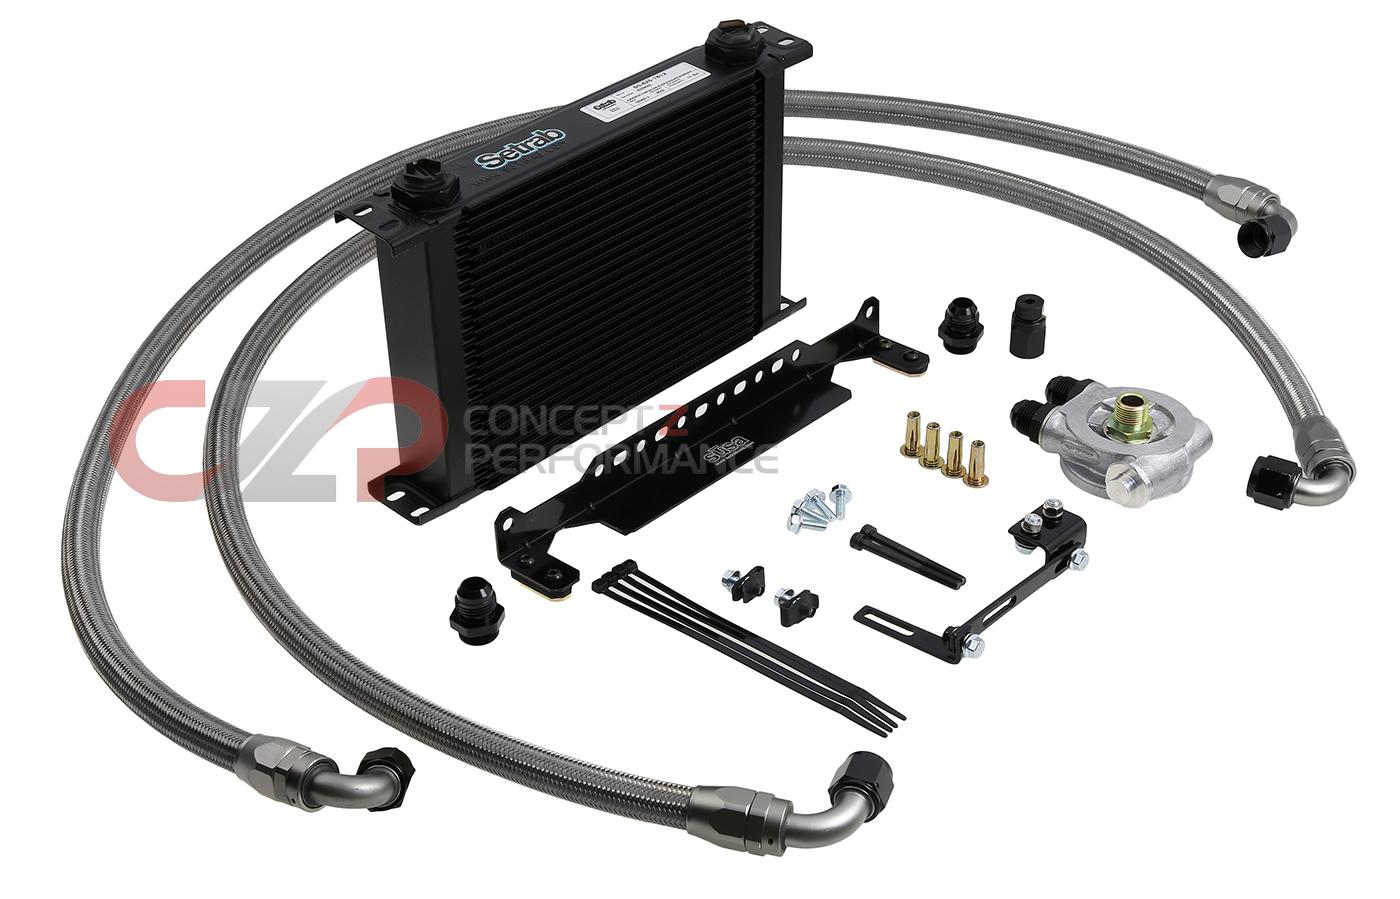 Oil Cooler Kit : Z motorsports engine oil cooler kit nissan